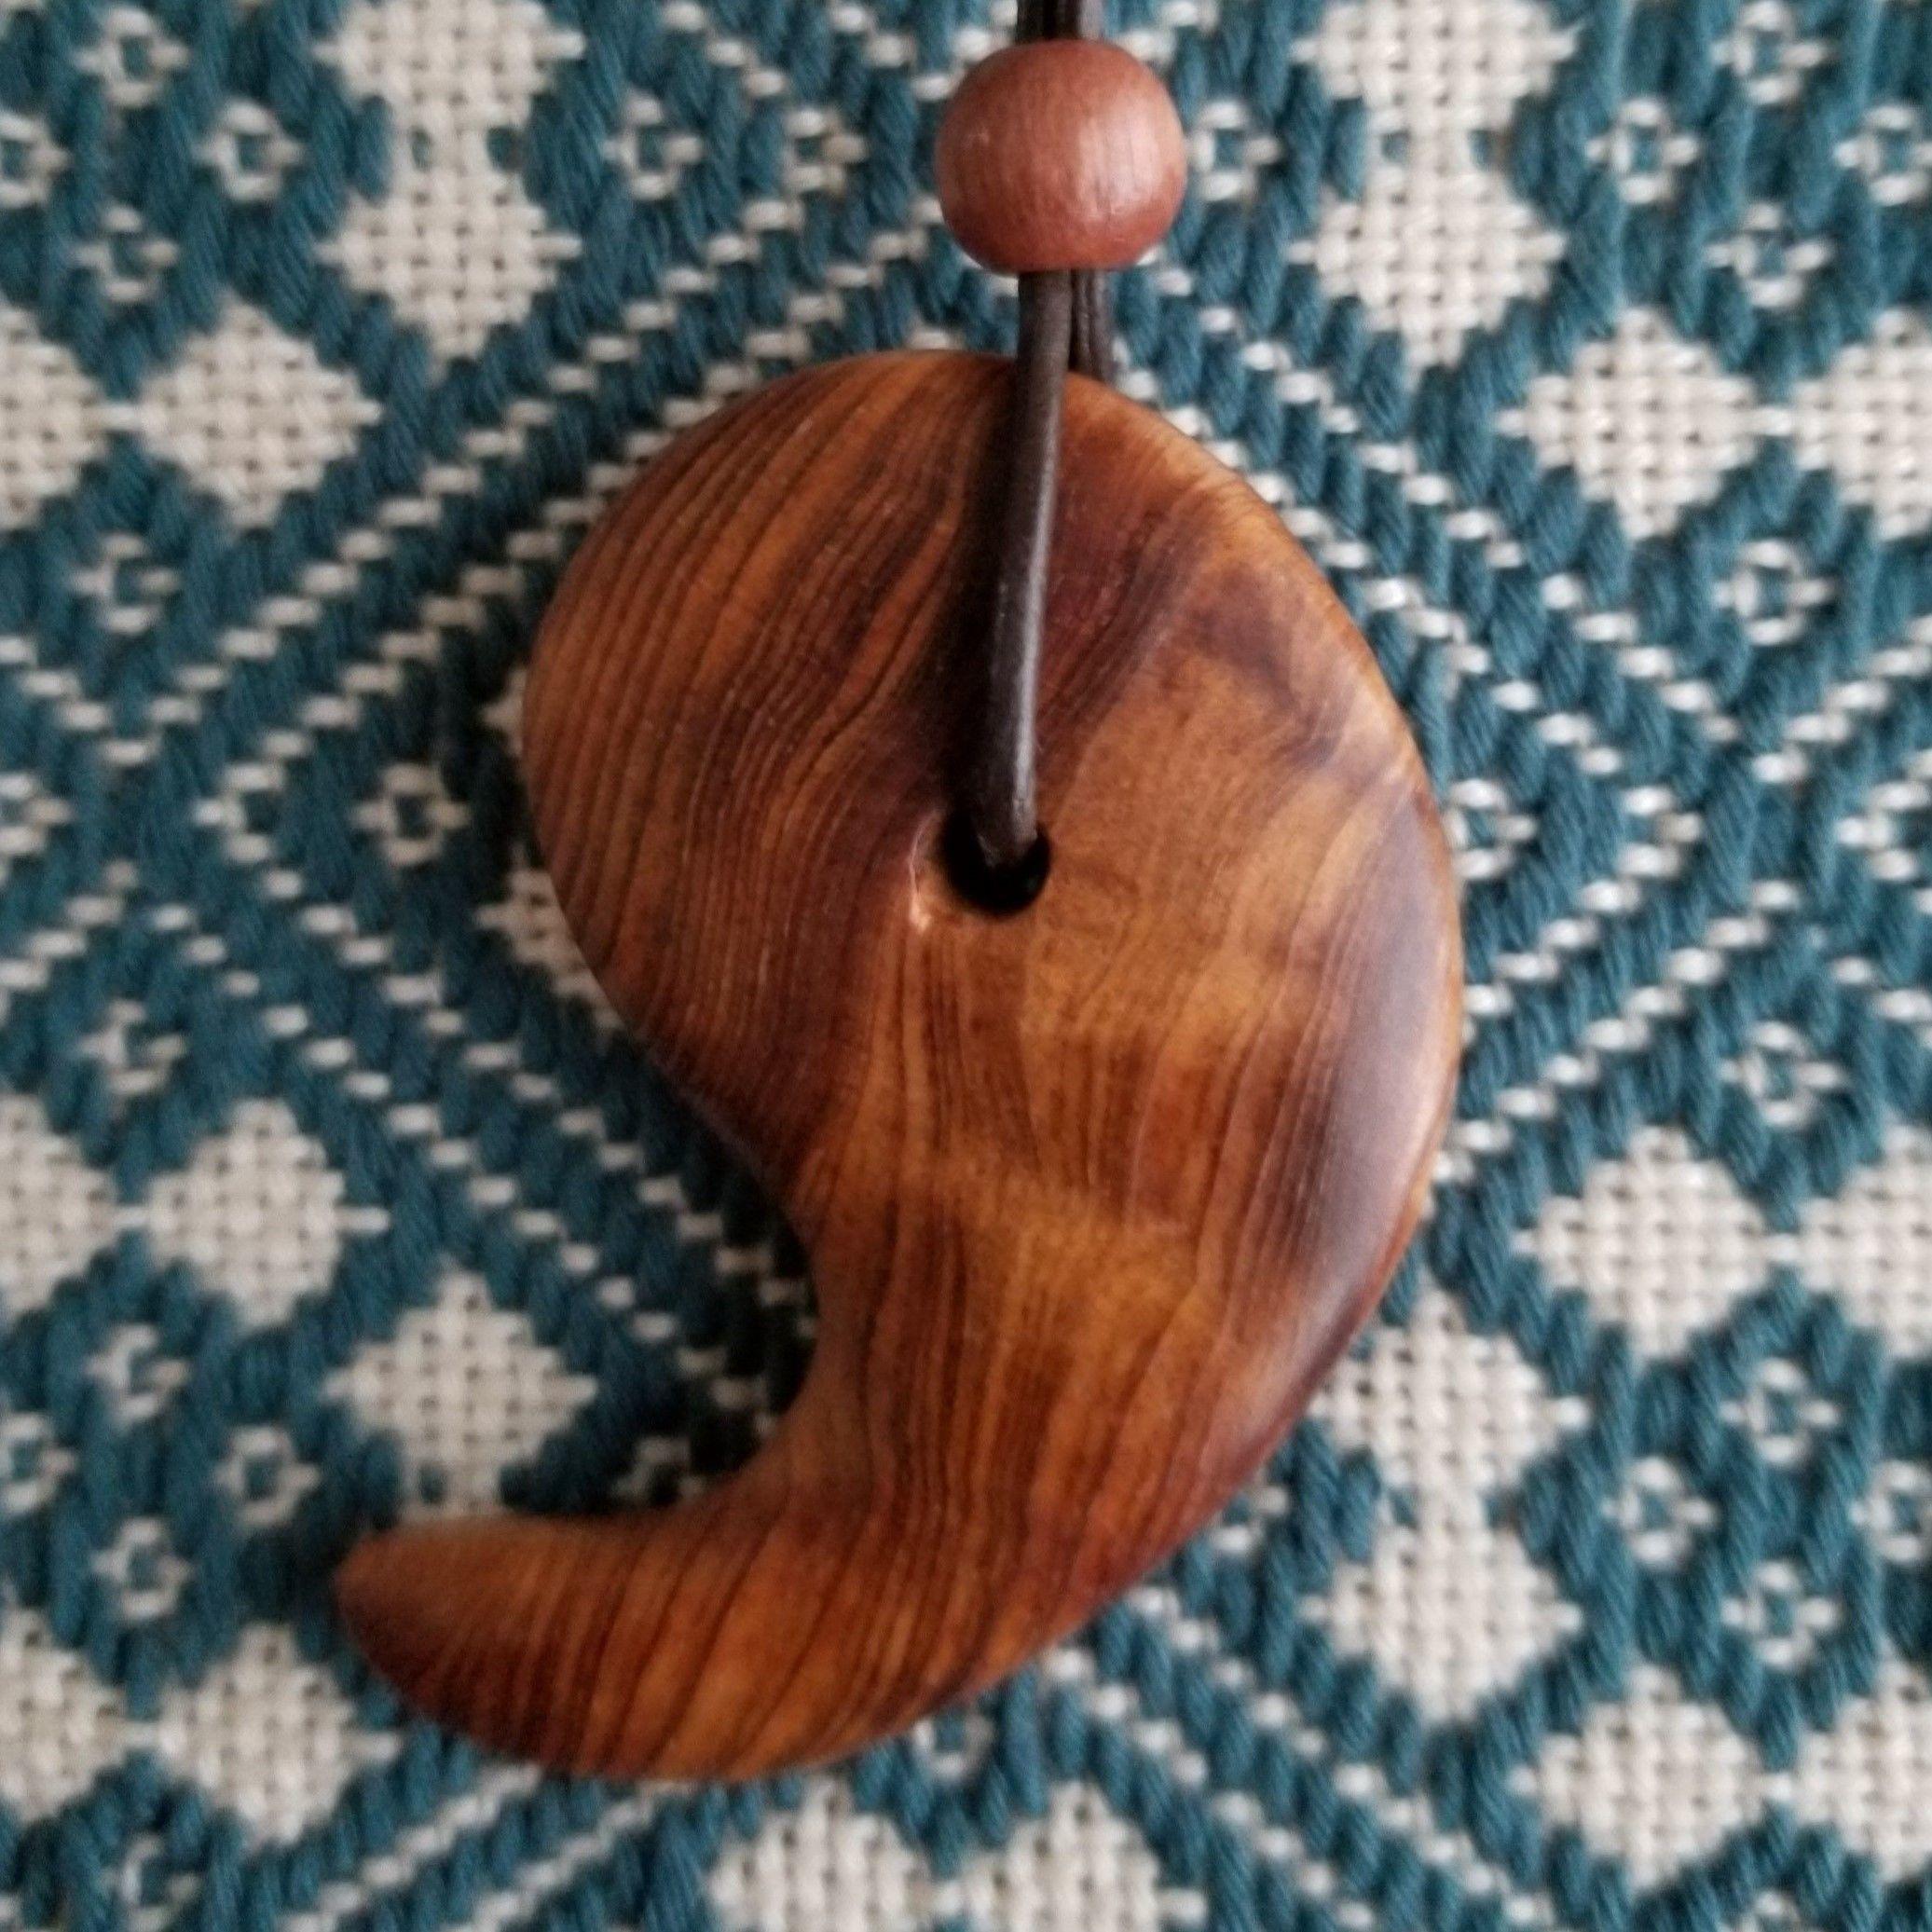 屋久杉 勾玉薄型ネックレス 天然木 無垢 お守り木札